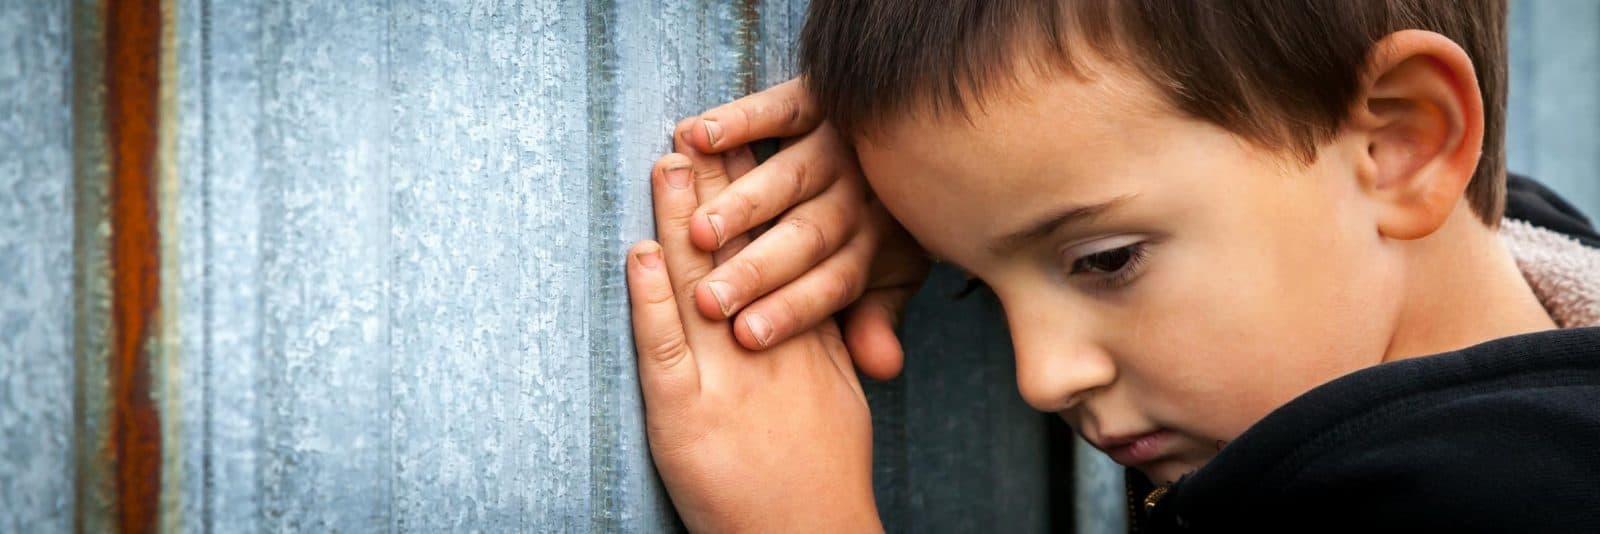 santé mentale infantile - intervention psychosociale